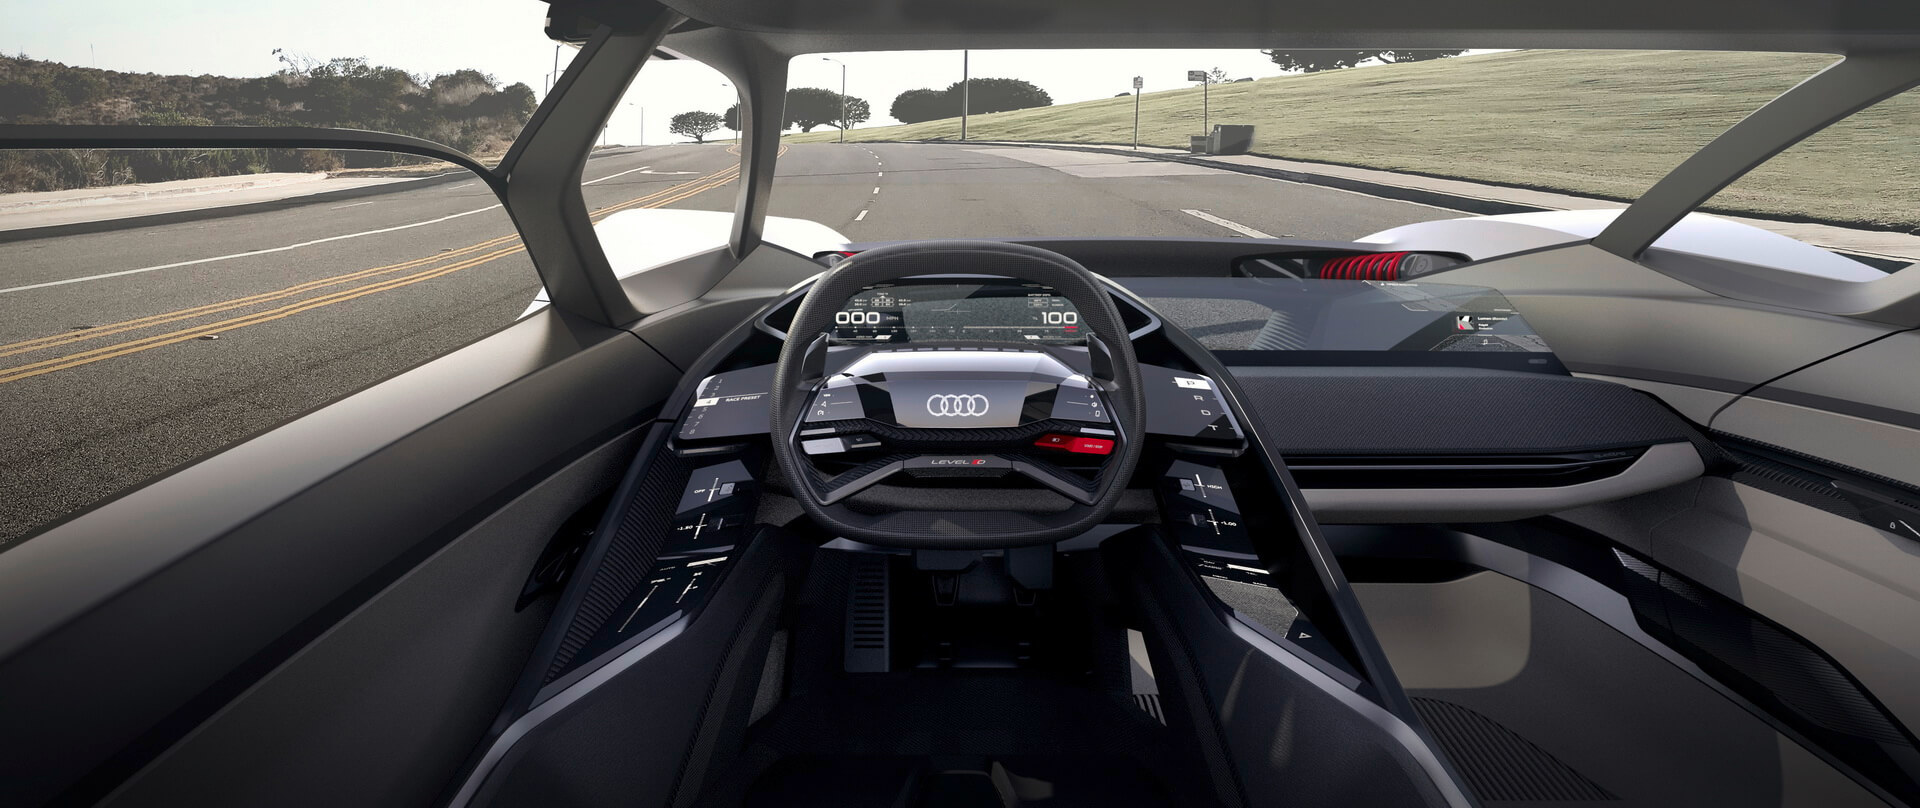 Приборная панель Audi PB18 e-tron